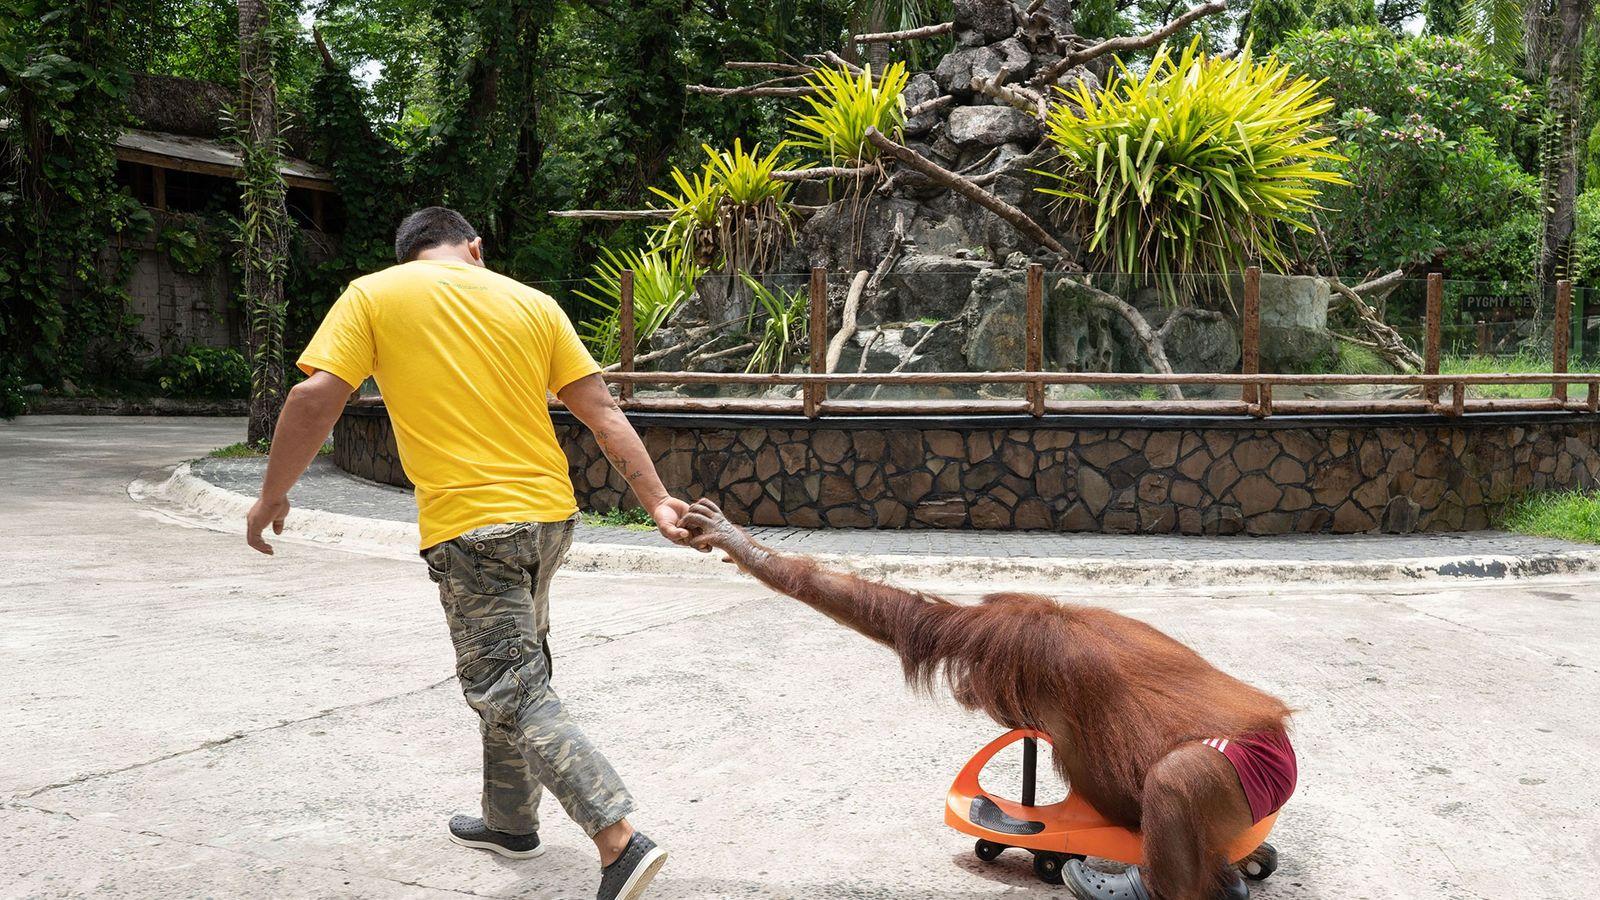 Relatório organizado pela organização World Animal Protection, a World Association of Zoos and Aquariums é criticada ...